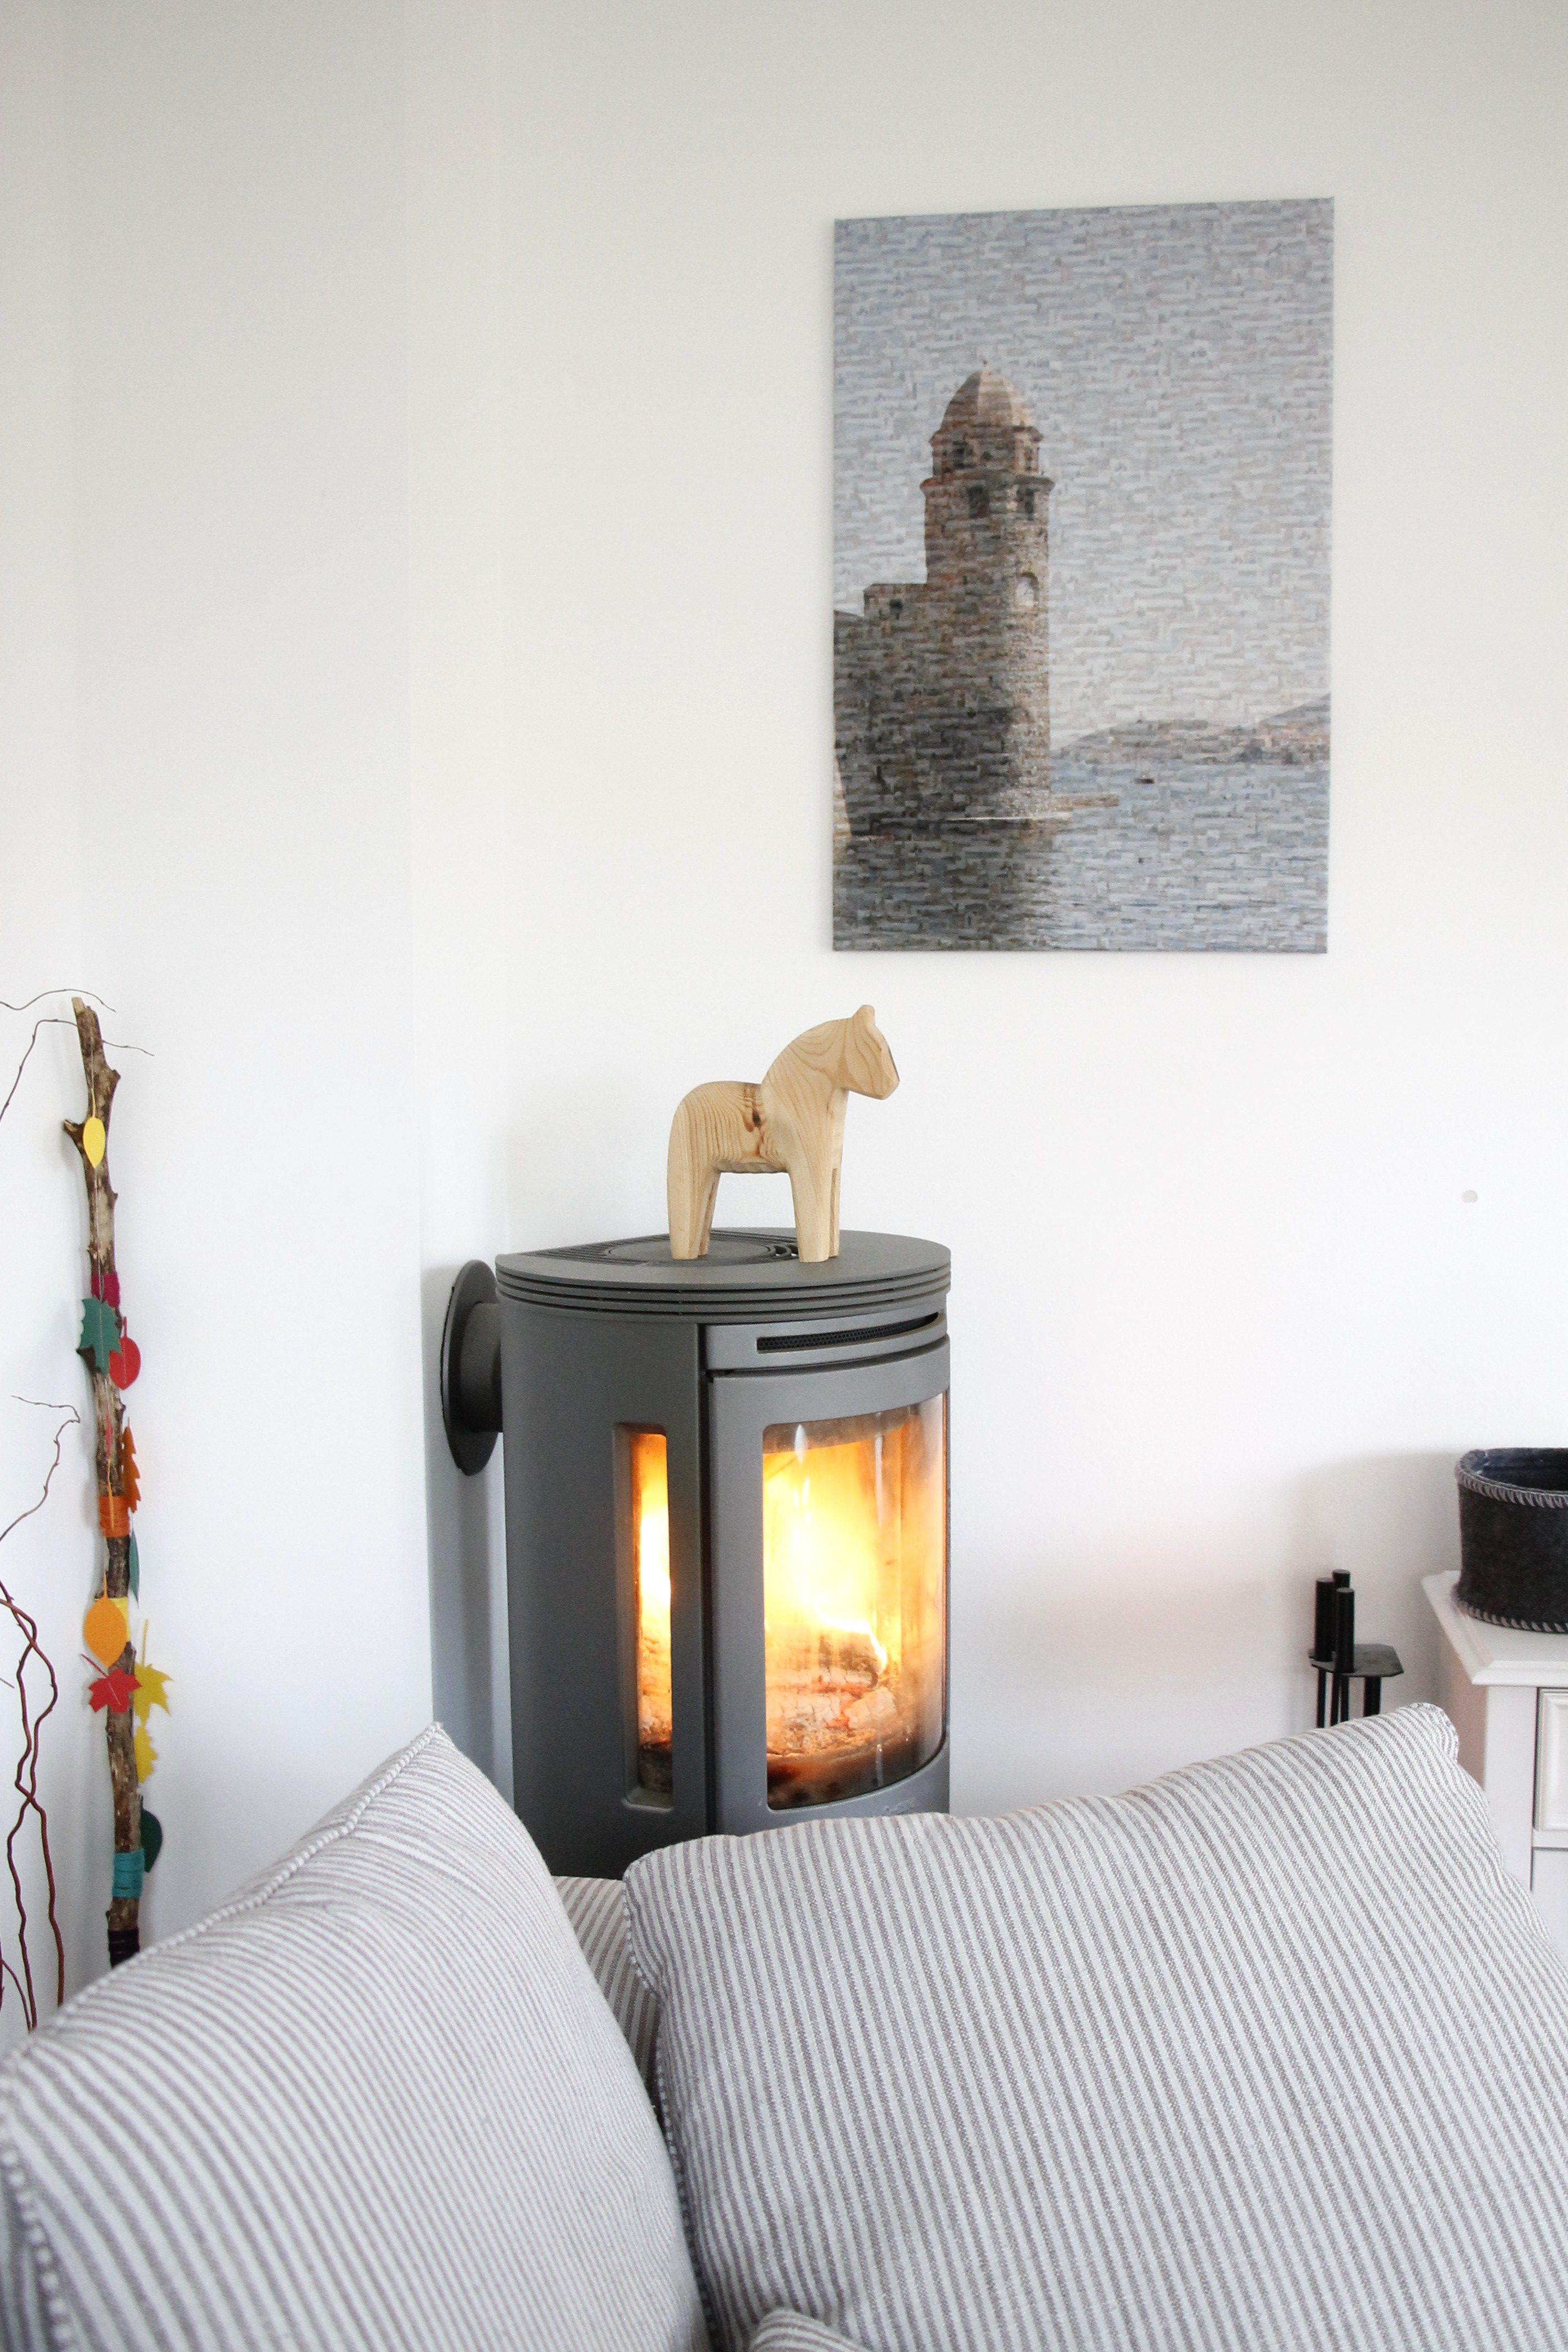 bild aus bildern erstellen idee lavendelblog. Black Bedroom Furniture Sets. Home Design Ideas